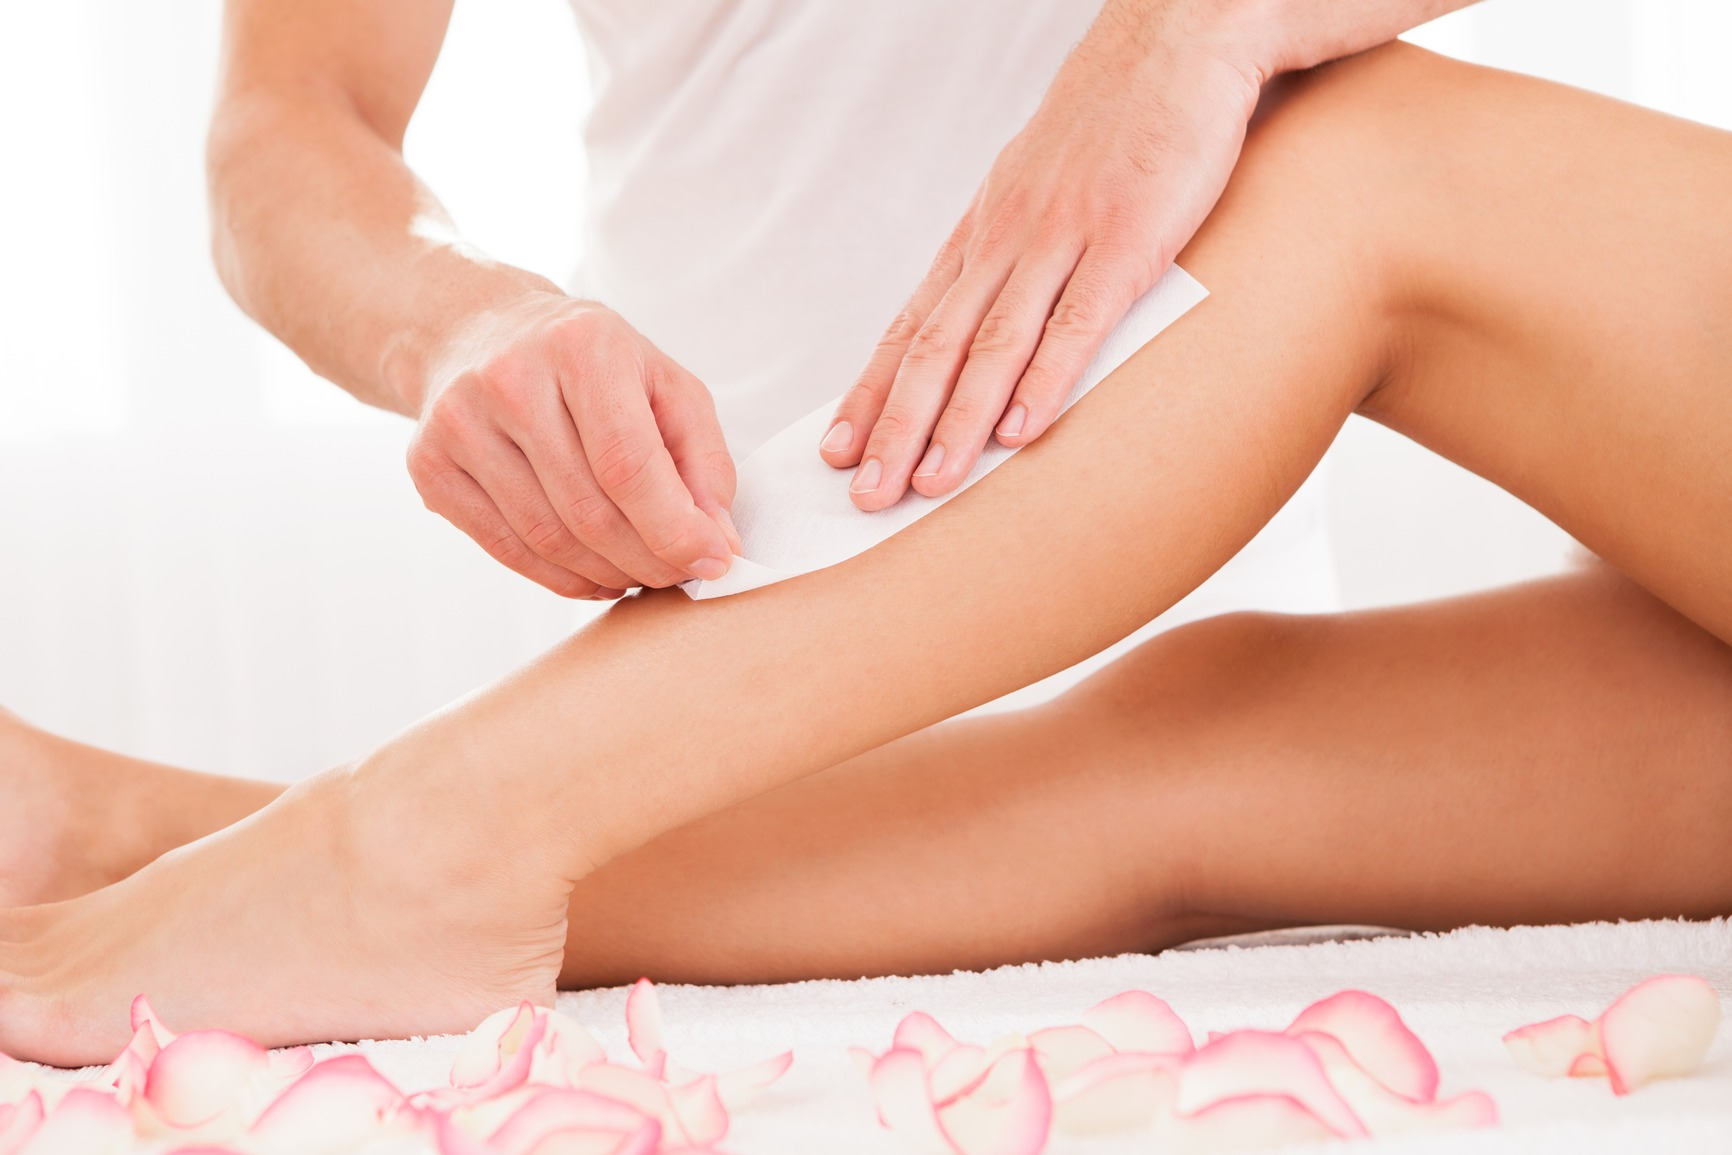 Depilación de piernas